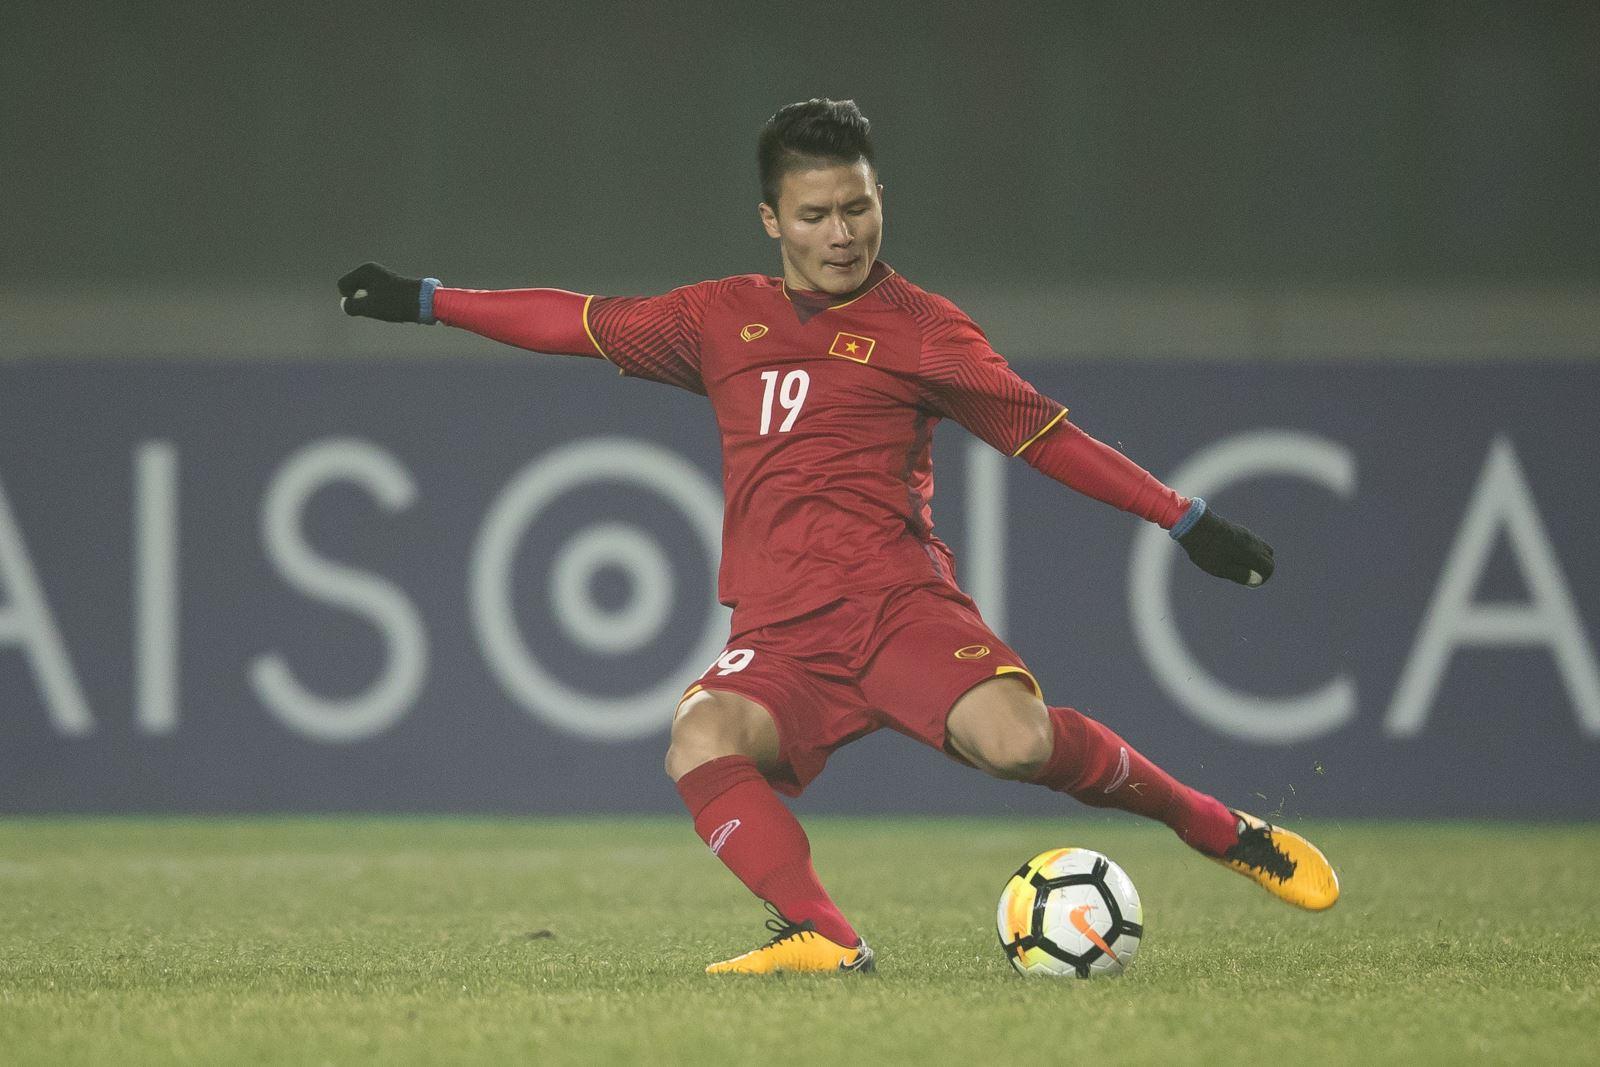 CẬP NHẬT tin tối 12/9: Quang Hải được xem là SAO ở AFF Cup. Raiola hứa đưa Pogba sang Tây Ban Nha